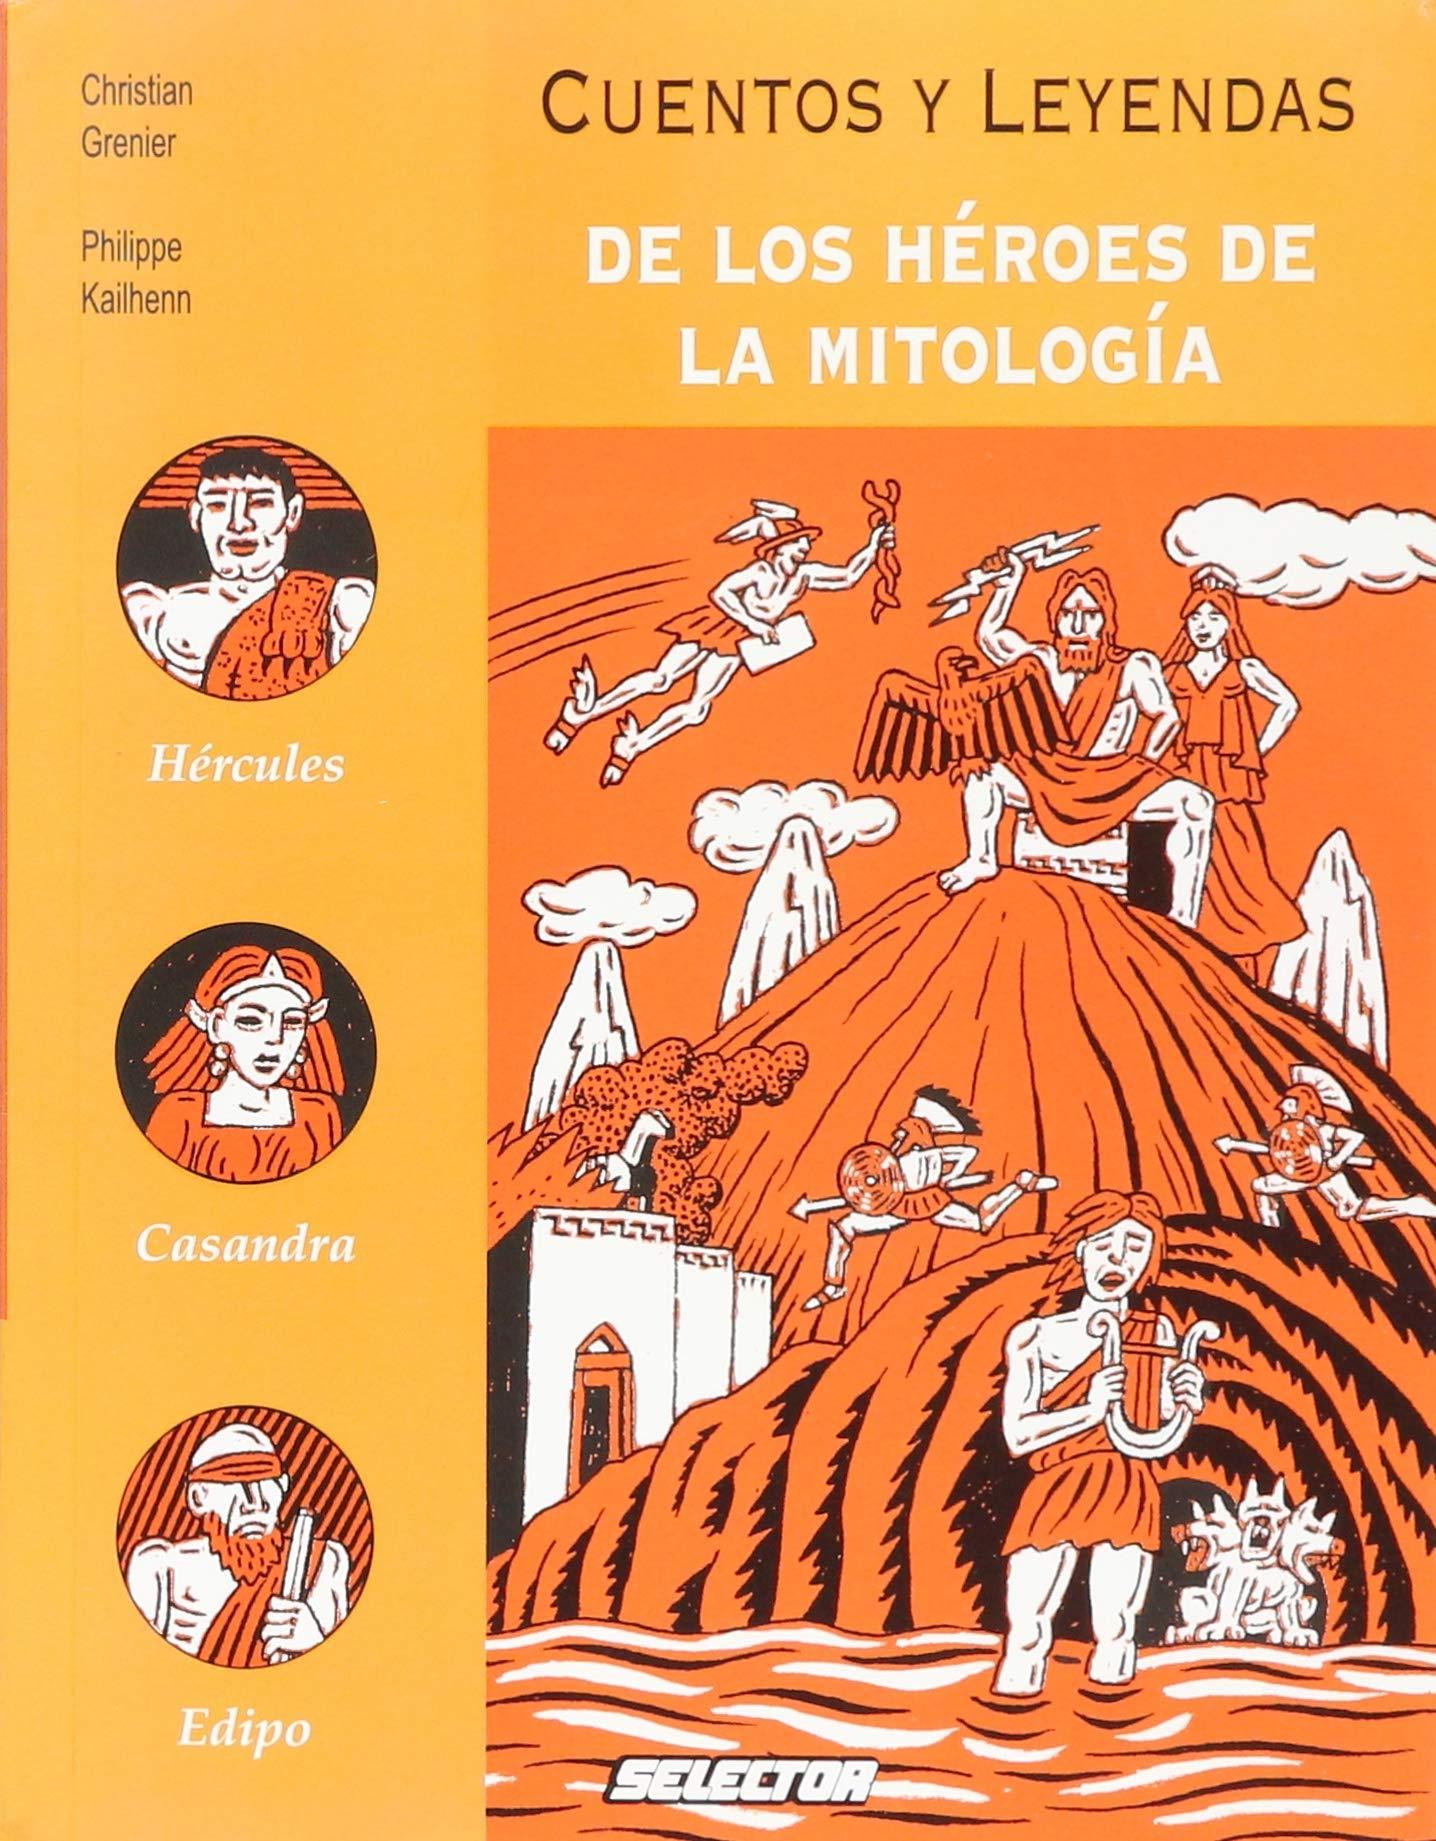 Cuentos y leyendas de los heroes de la mitologia/ Tales and Legends of Mythology Heros Memorias Del Mundo/ Memories of the World: Amazon.es: Grenier, Christian, Kailhenn, Philippe: Libros